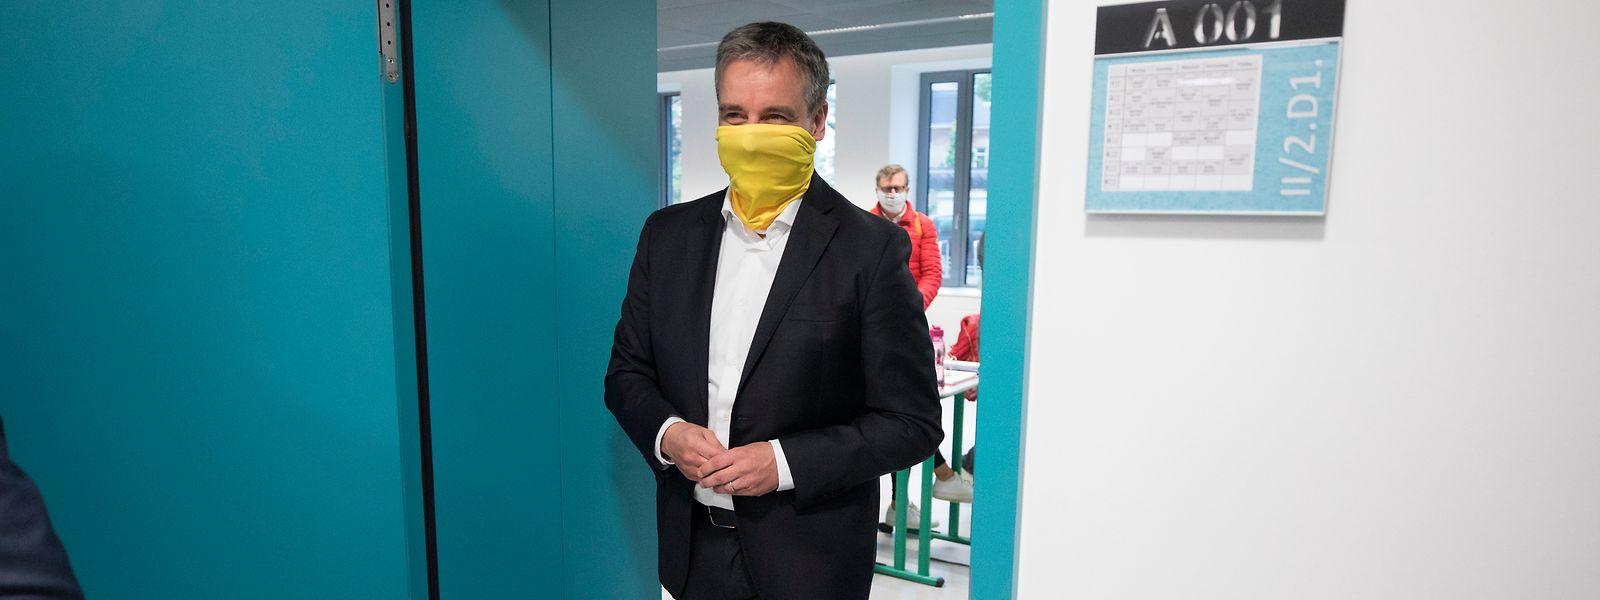 La loi luxembourgeoise ne permet pas actuellement à un lycée d'organiser un programme d'études de bachelor en soins infirmiers généraux ou spécialisés, rappelle Claude Meisch (DP), ministre de l'Education nationale.